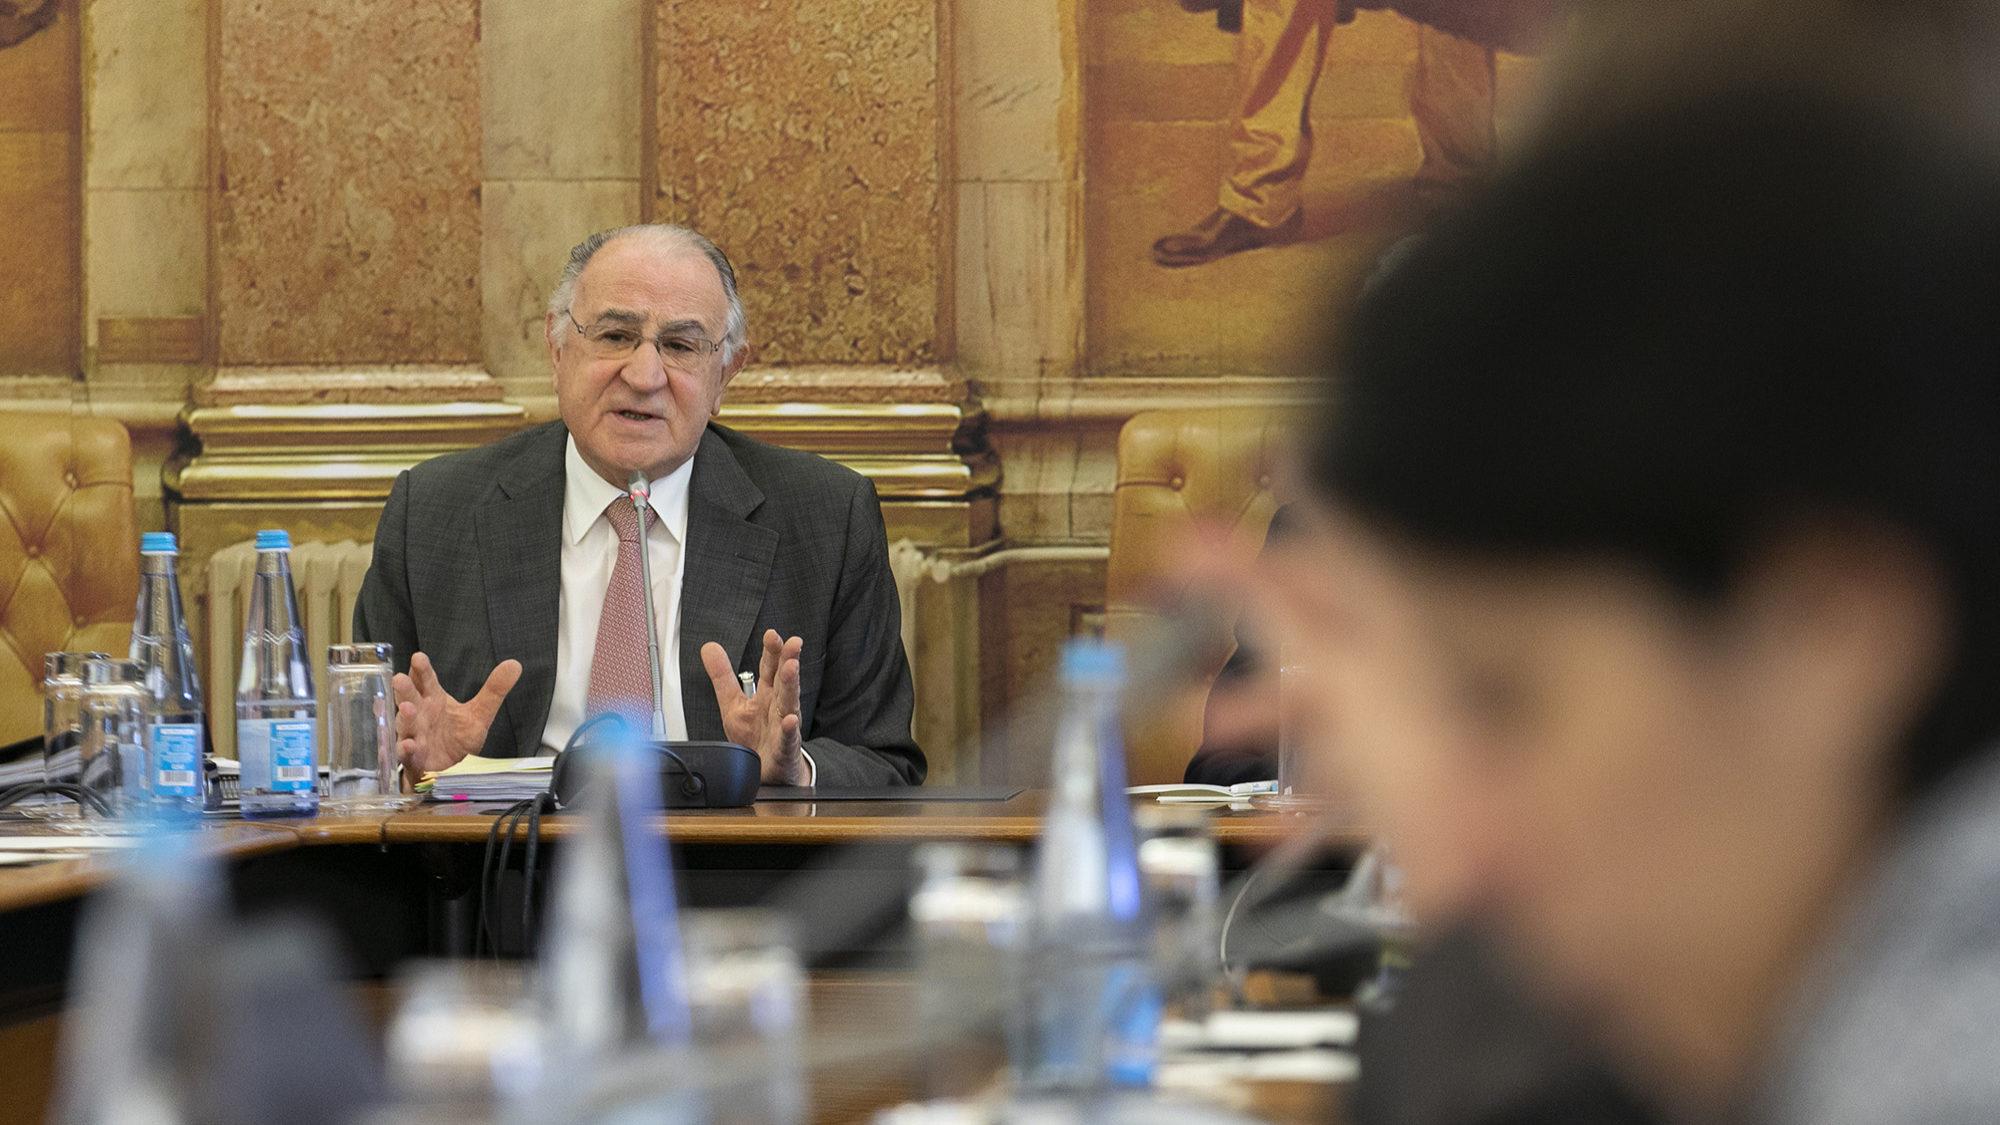 Bancos rejeitam nova legislação sobre comissões do Bloco de Esquerda